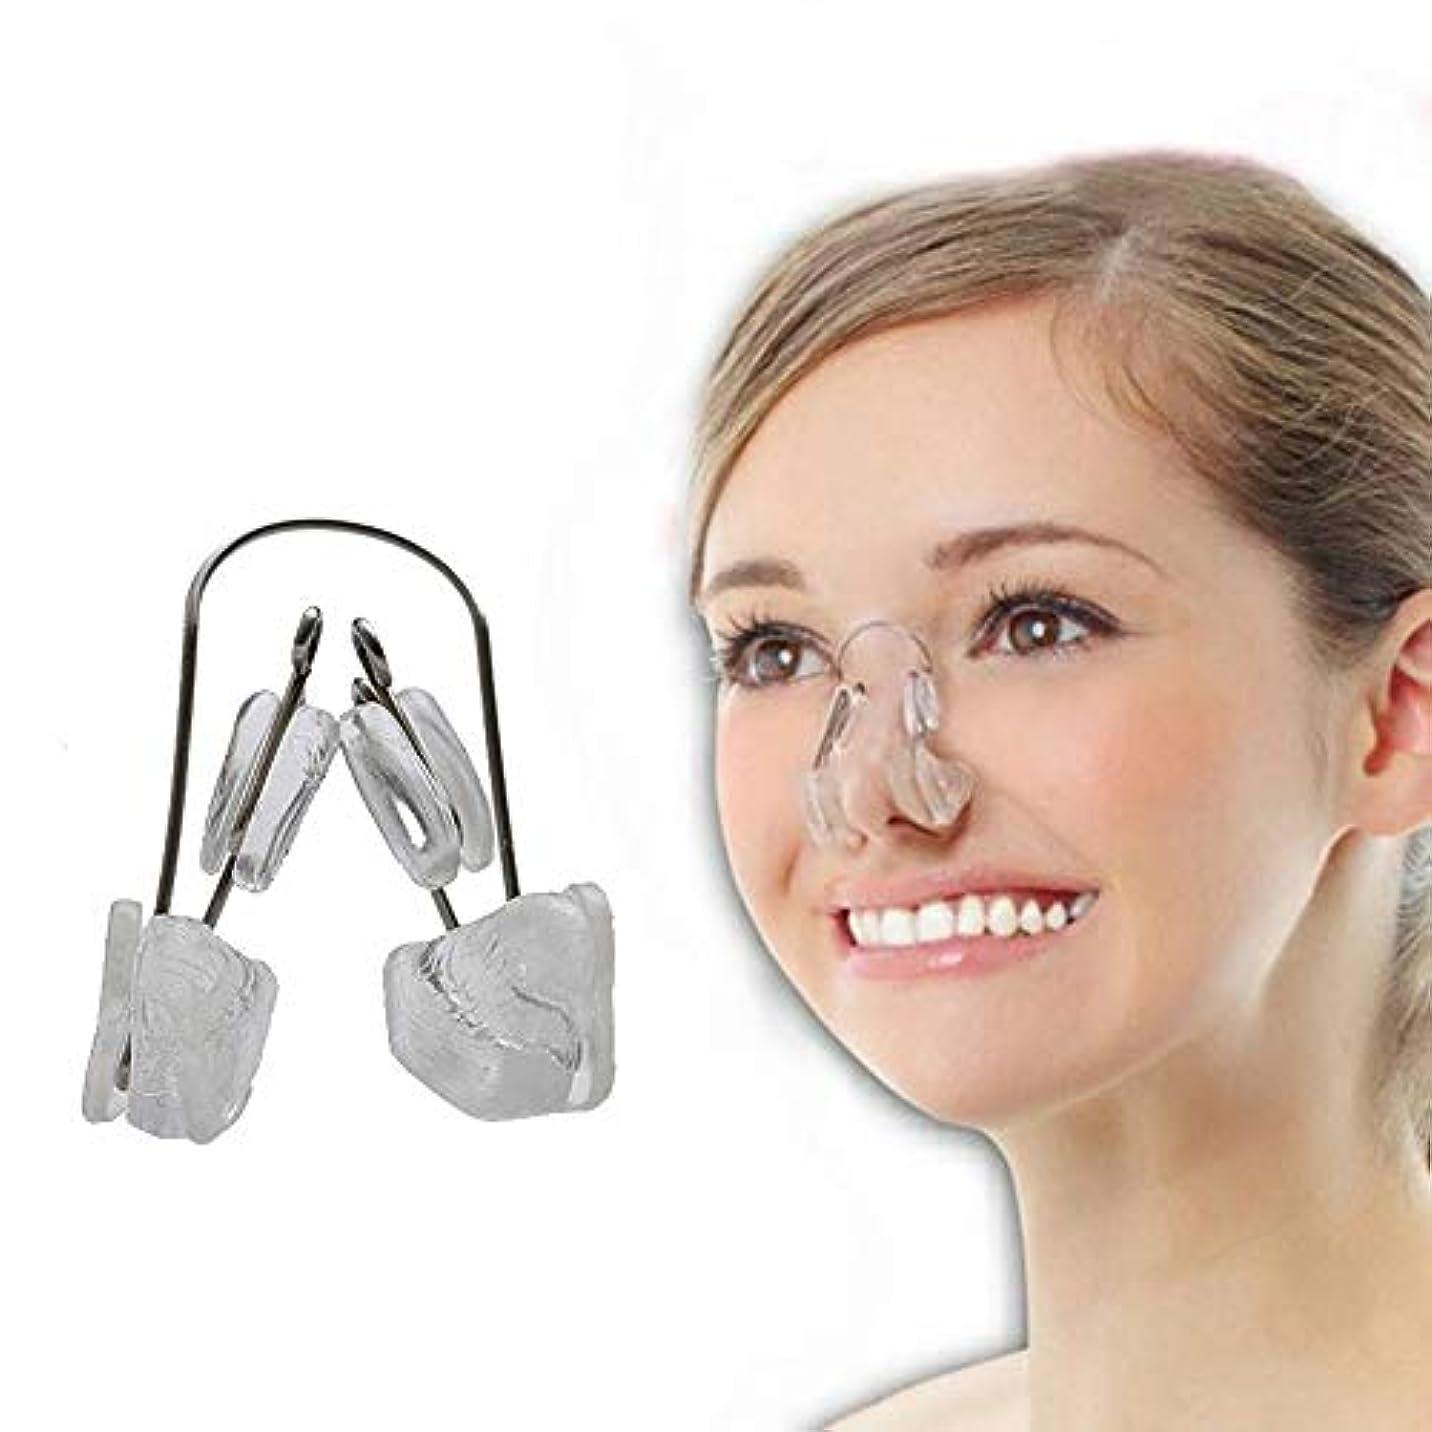 予防接種するアナロジー召喚するLindexs ないノーズアップピン ノーズアップピン 美鼻クリップ 鼻高く 鼻筋 矯正 (クリア)